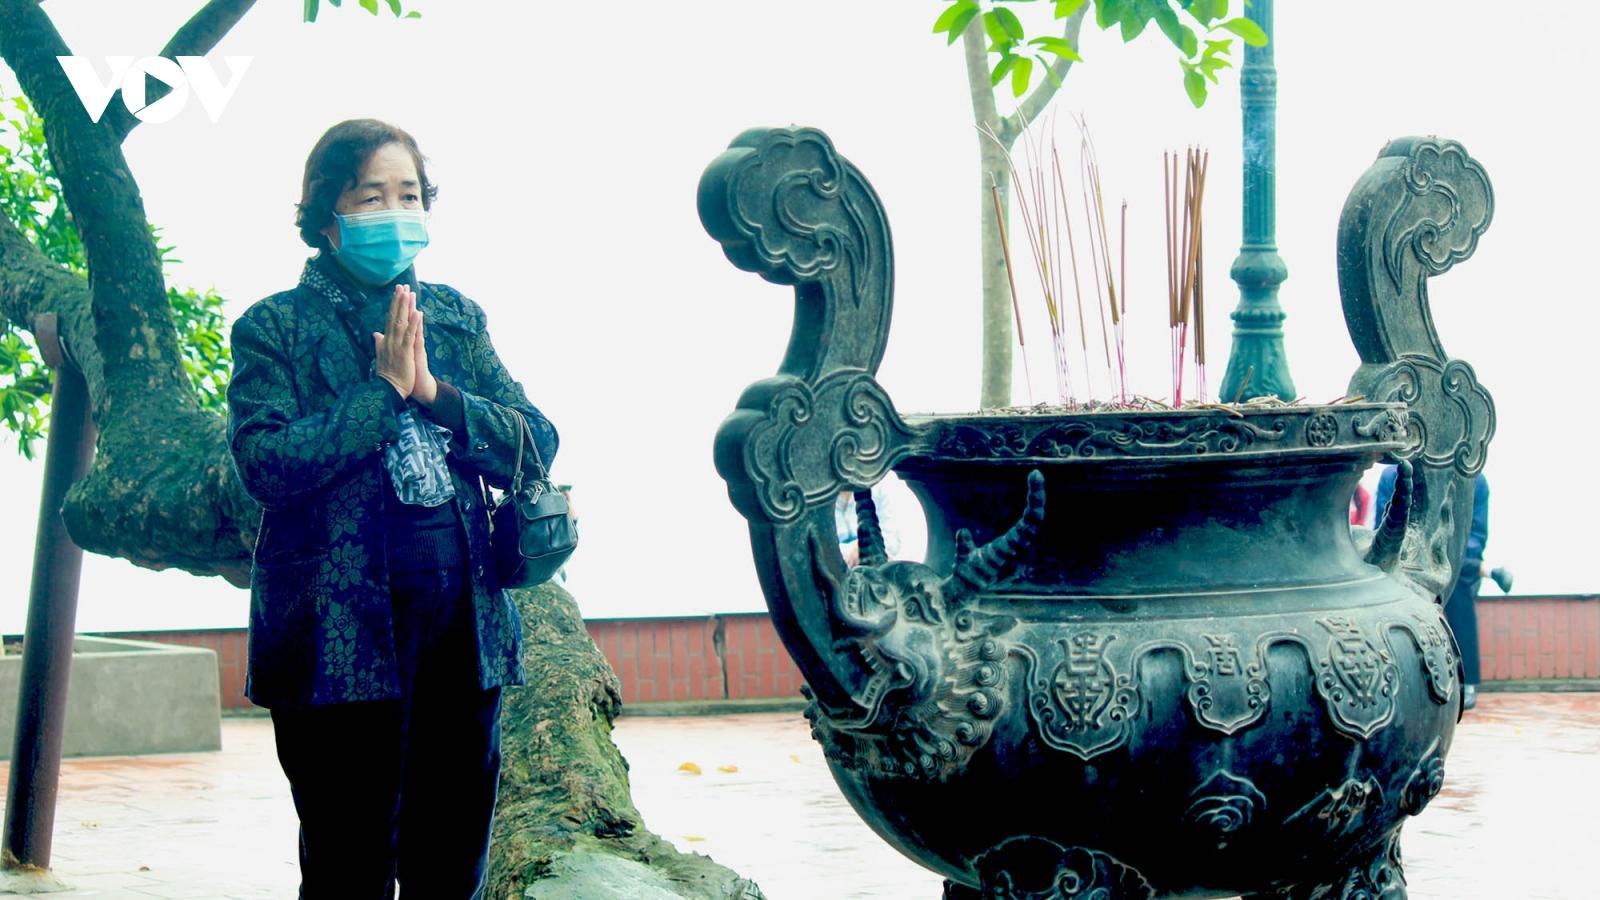 Chùa chiền ở Hà Nội được mở cửa trở lại và đảm bảo phòng chống dịch